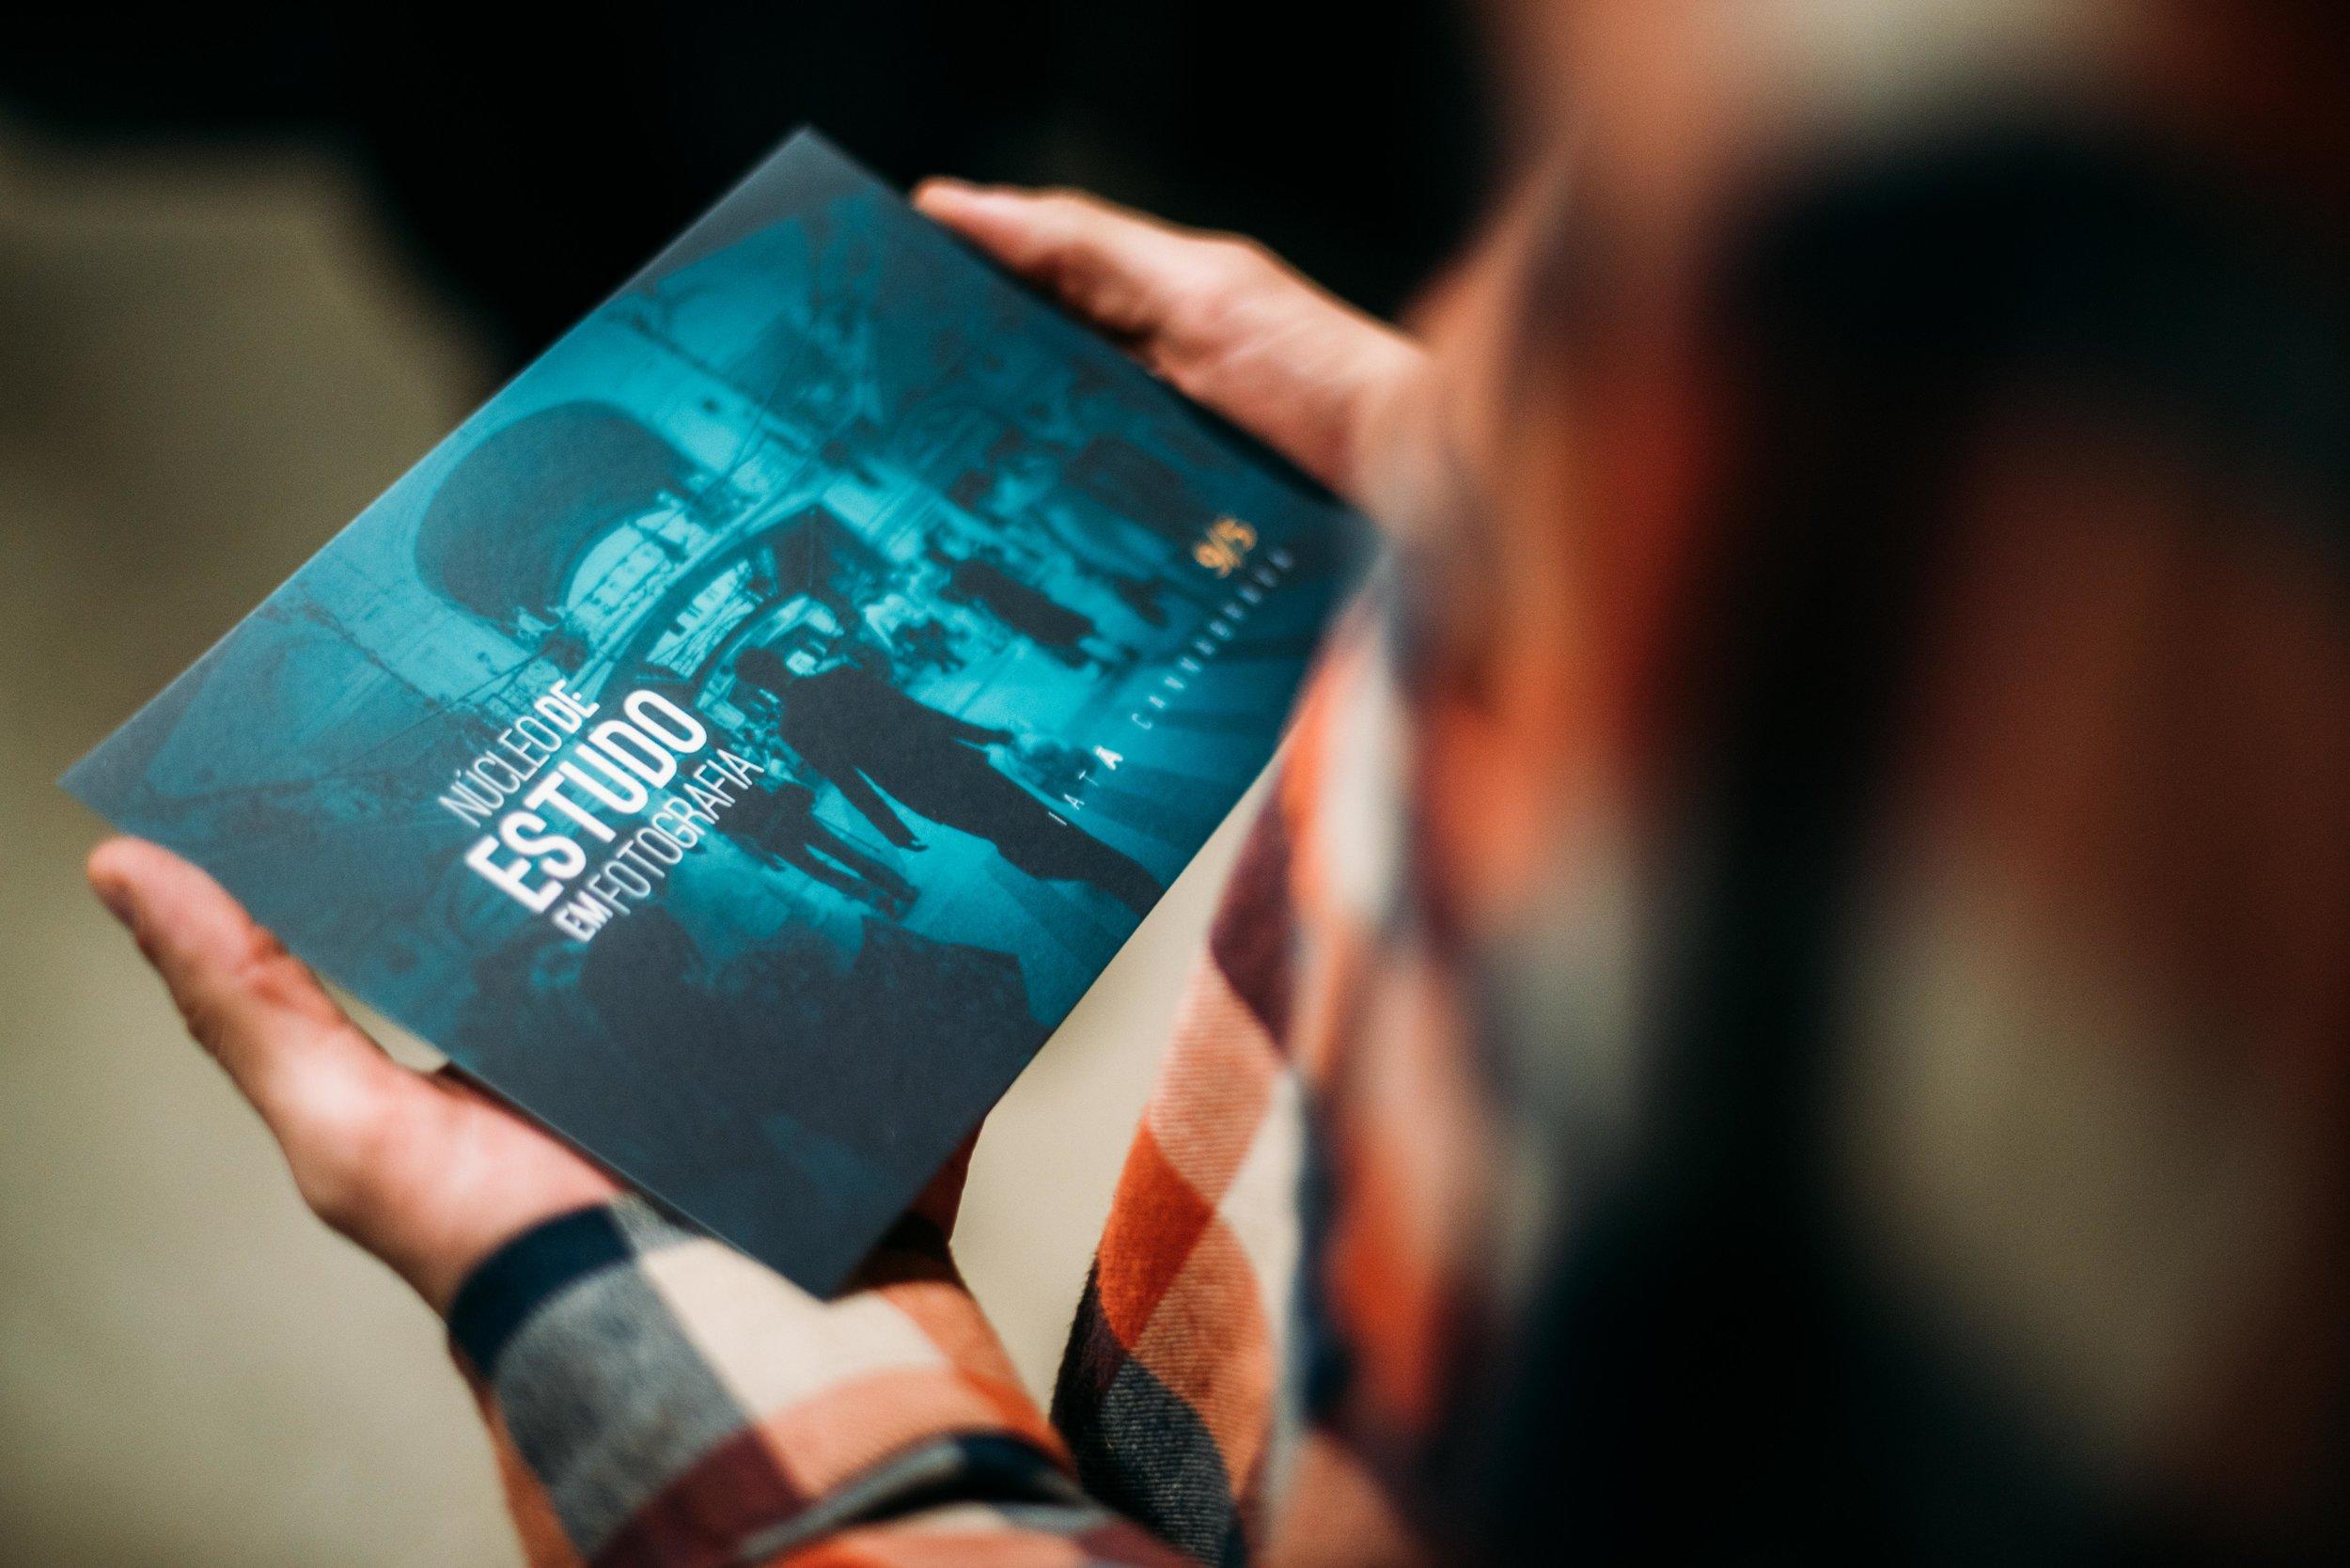 Criação de marca e aplicação em postais para o 1º evento do   NEF - Núcleo de Estudo em Fotografia  . Um evento público e cultural promovido em Bauru, São Paulo com objetivo de promover a difusão de conhecimento e a sensibilização do público à outros eixos narrativos da imagem.